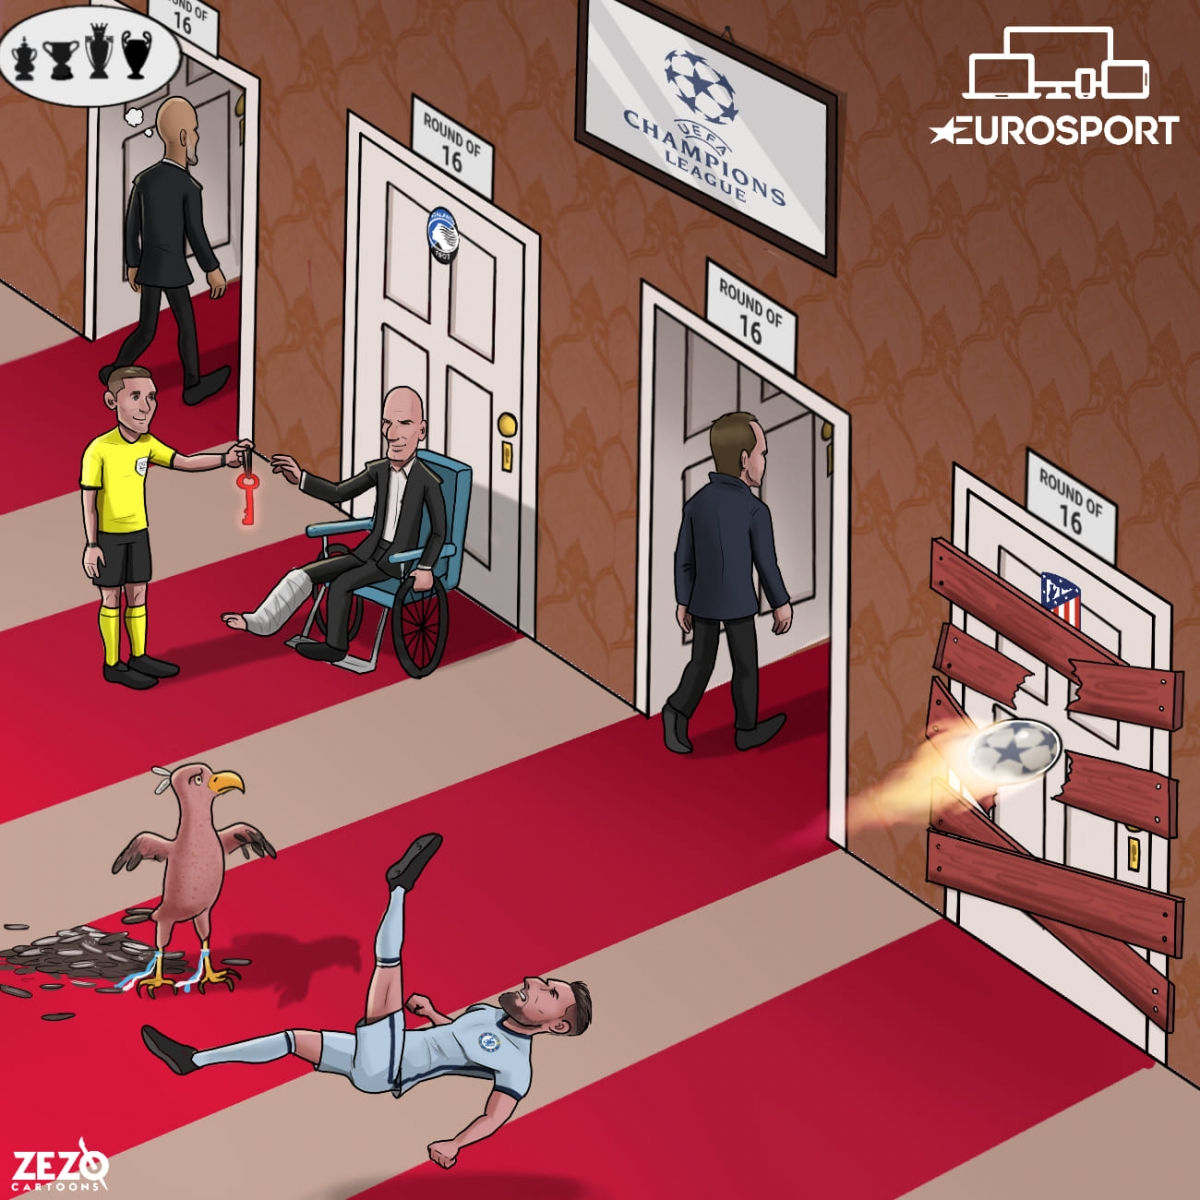 Toàn cảnh lượt đi vòng 1/8 Champions League. (Ảnh: Zezo Cartoons).